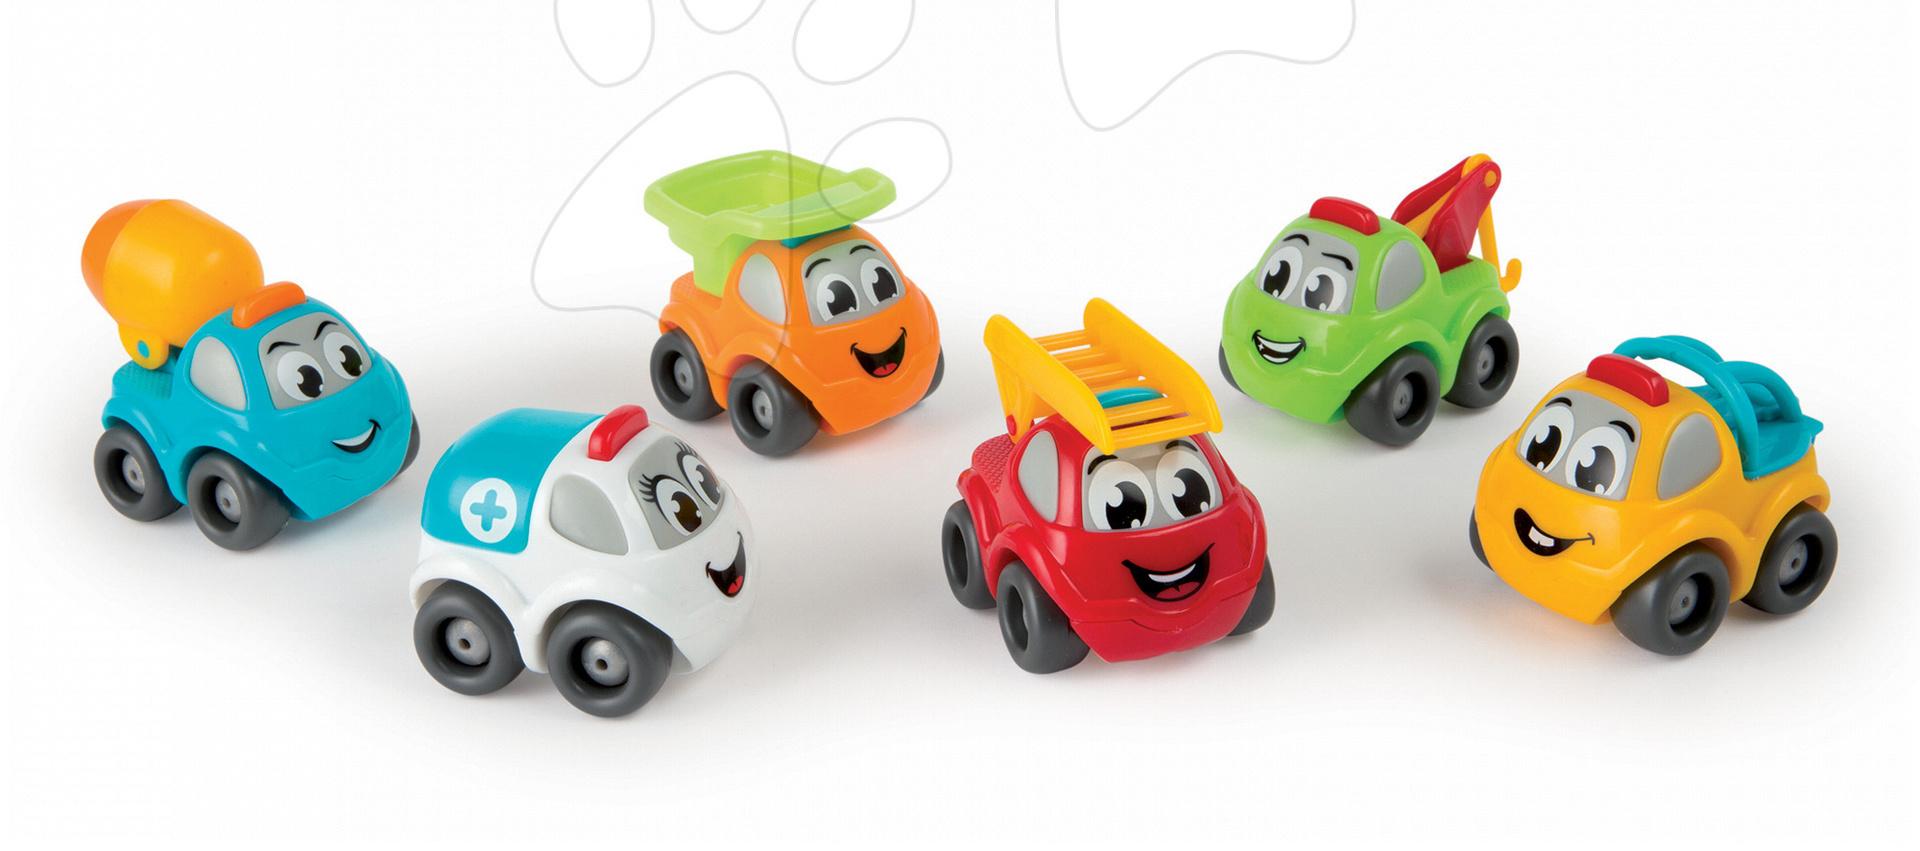 Smoby detské auto Vroom Planet 120101